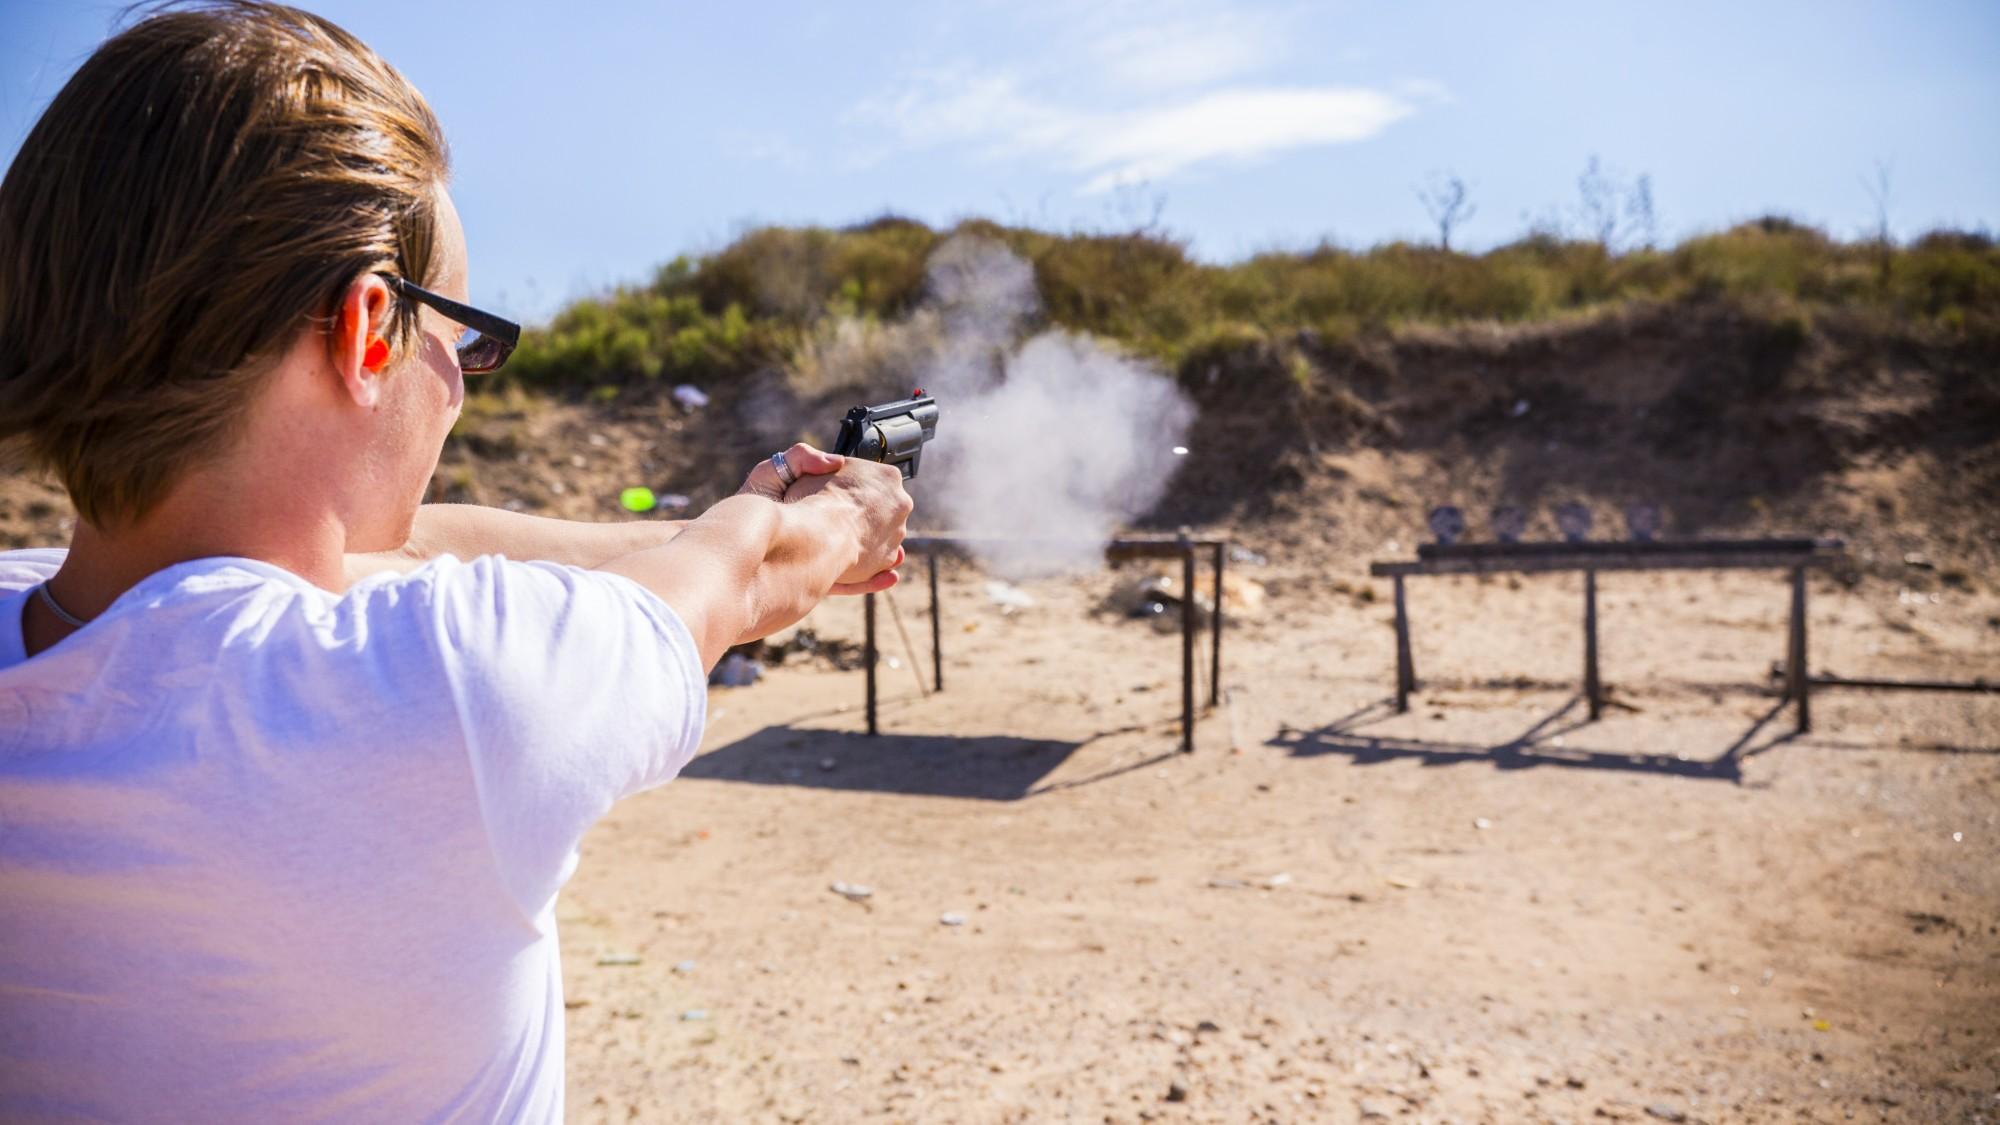 gun range essentials